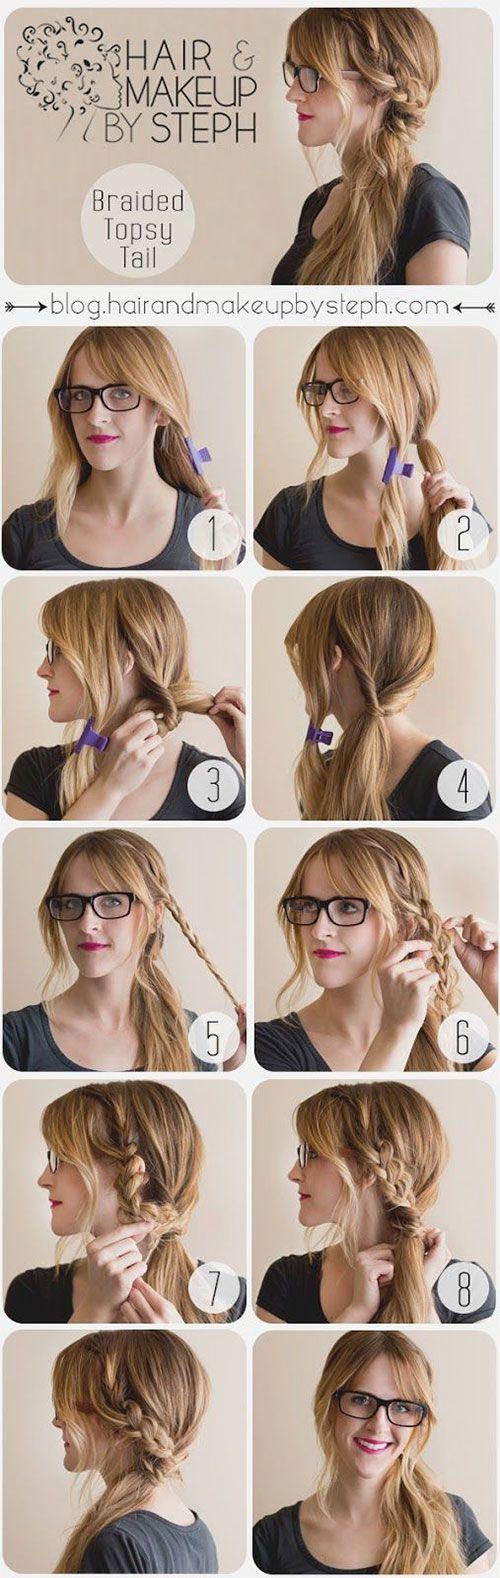 12 étapes étape par étape de la hairstyle de printemps pour apprenants 2018